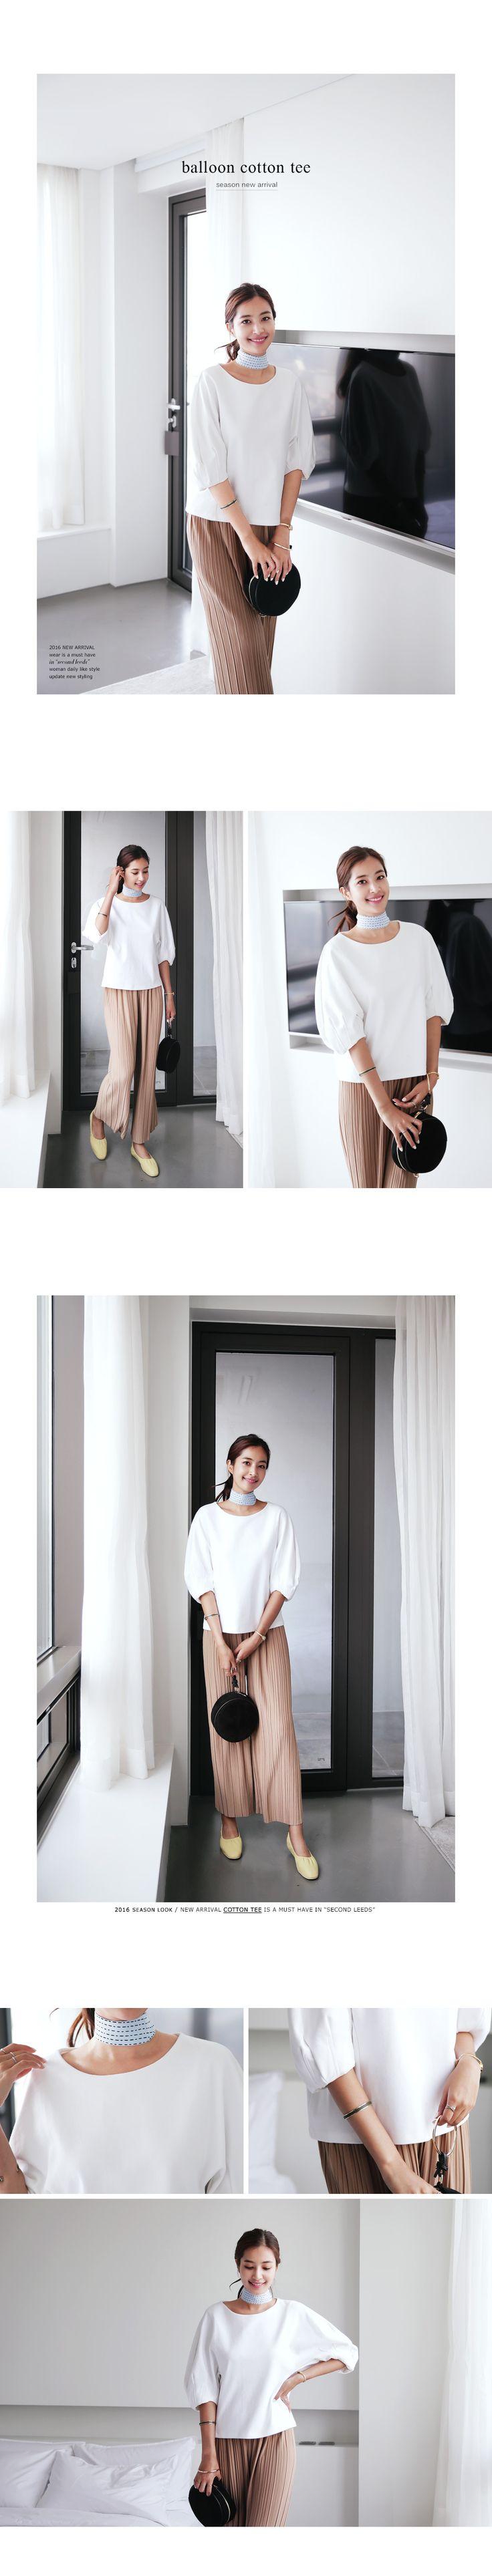 バルーンスリーブコットンTシャツ・全3色トップス・カットソーカットソー・Tシャツ|レディースファッション通販 DHOLICディーホリック [ファストファッション…